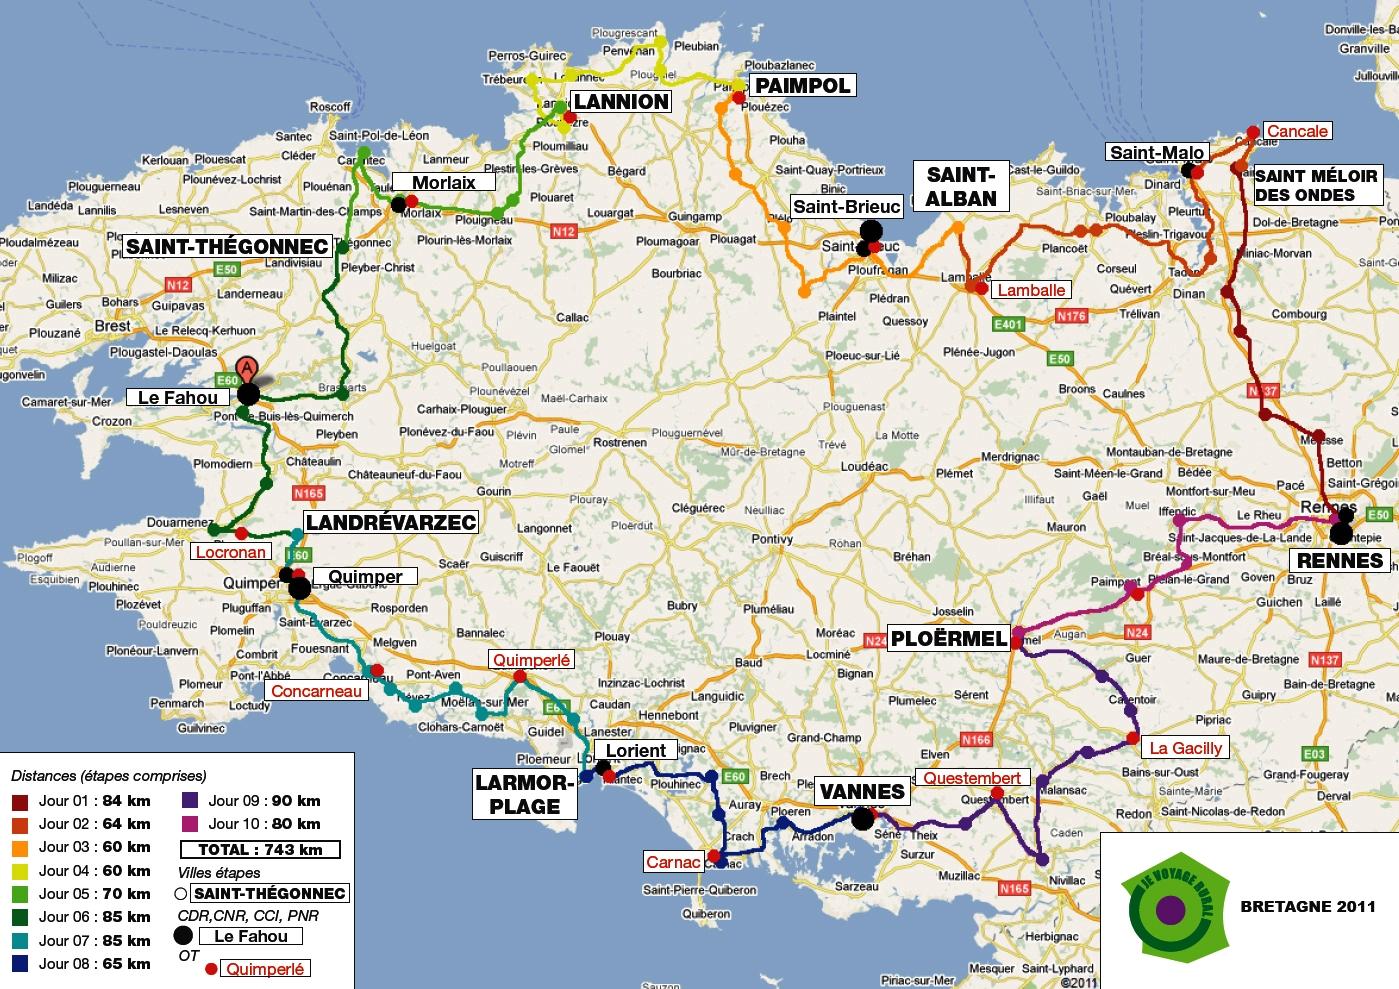 Carte Bretagne Lieux Touristiques.Vous Avez Cherche Tourisme Bretagne Nord Arts Et Voyages